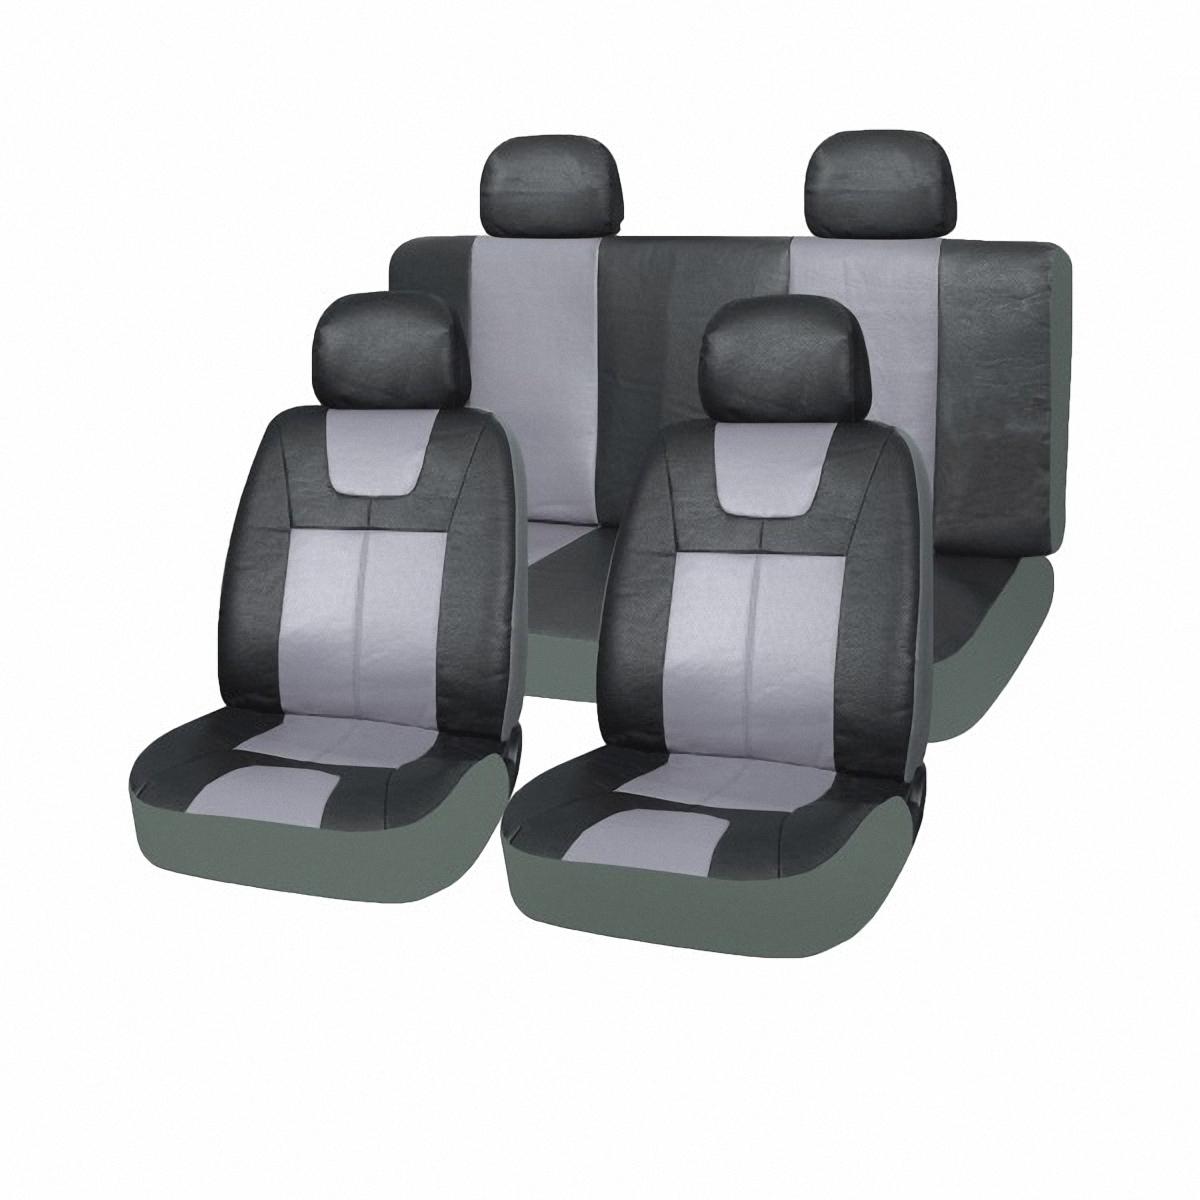 Чехлы автомобильные Skyway. S01301016 чехол на сиденье skyway chevrolet cobalt седан ch2 2